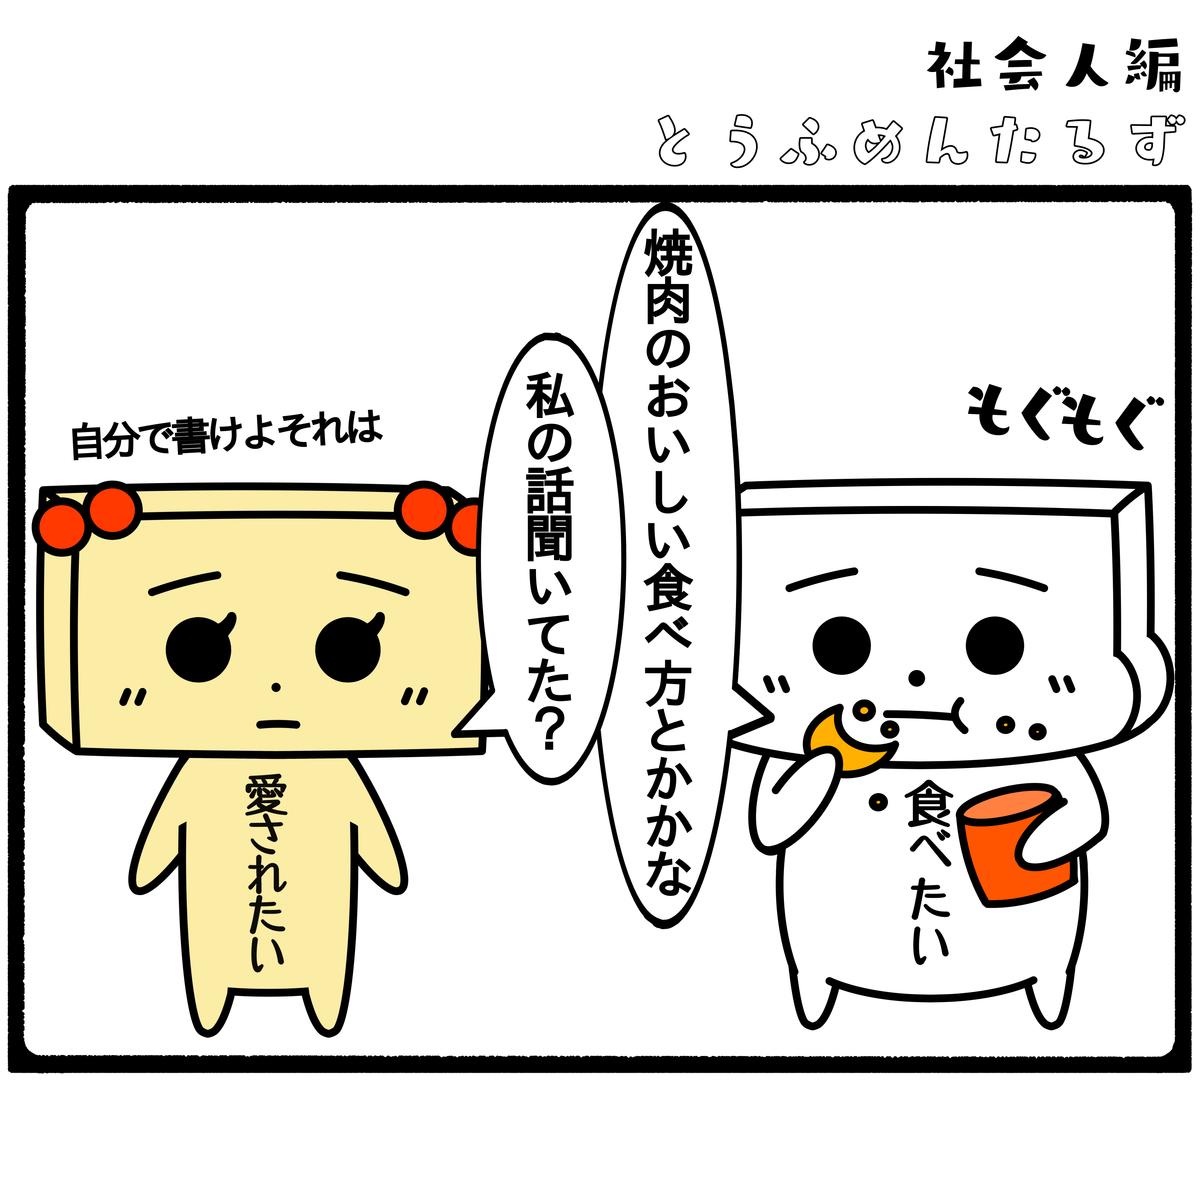 とうふめんたるず 豆腐メンタル 日常 4コマ漫画 リサーチ